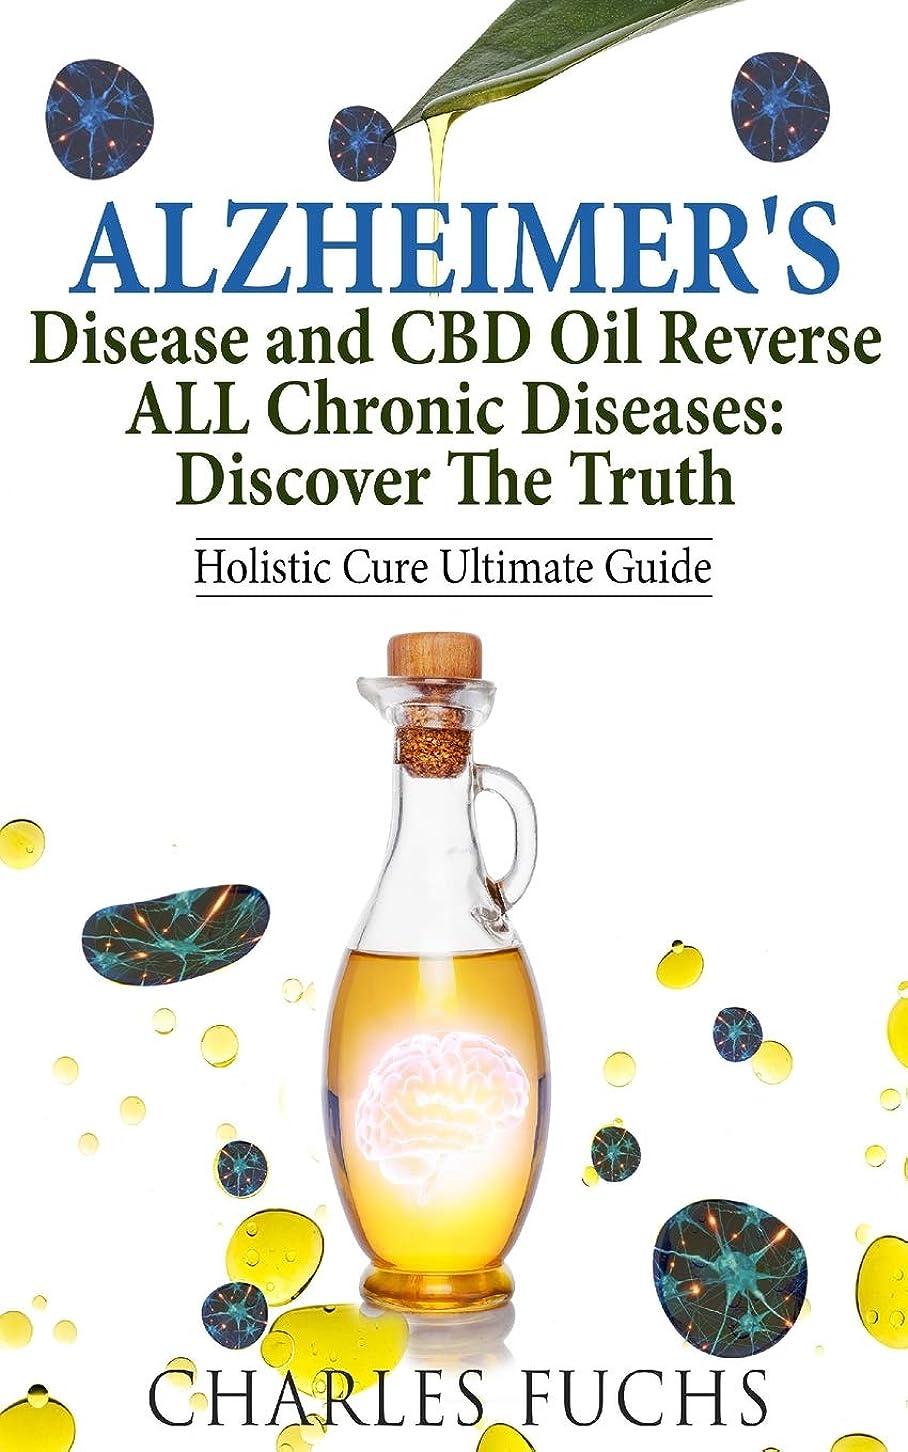 とんでもないテクスチャー港Alzheimer's Disease and CBD Oil Reverse ALL Chronic Diseases: Discover The Truth